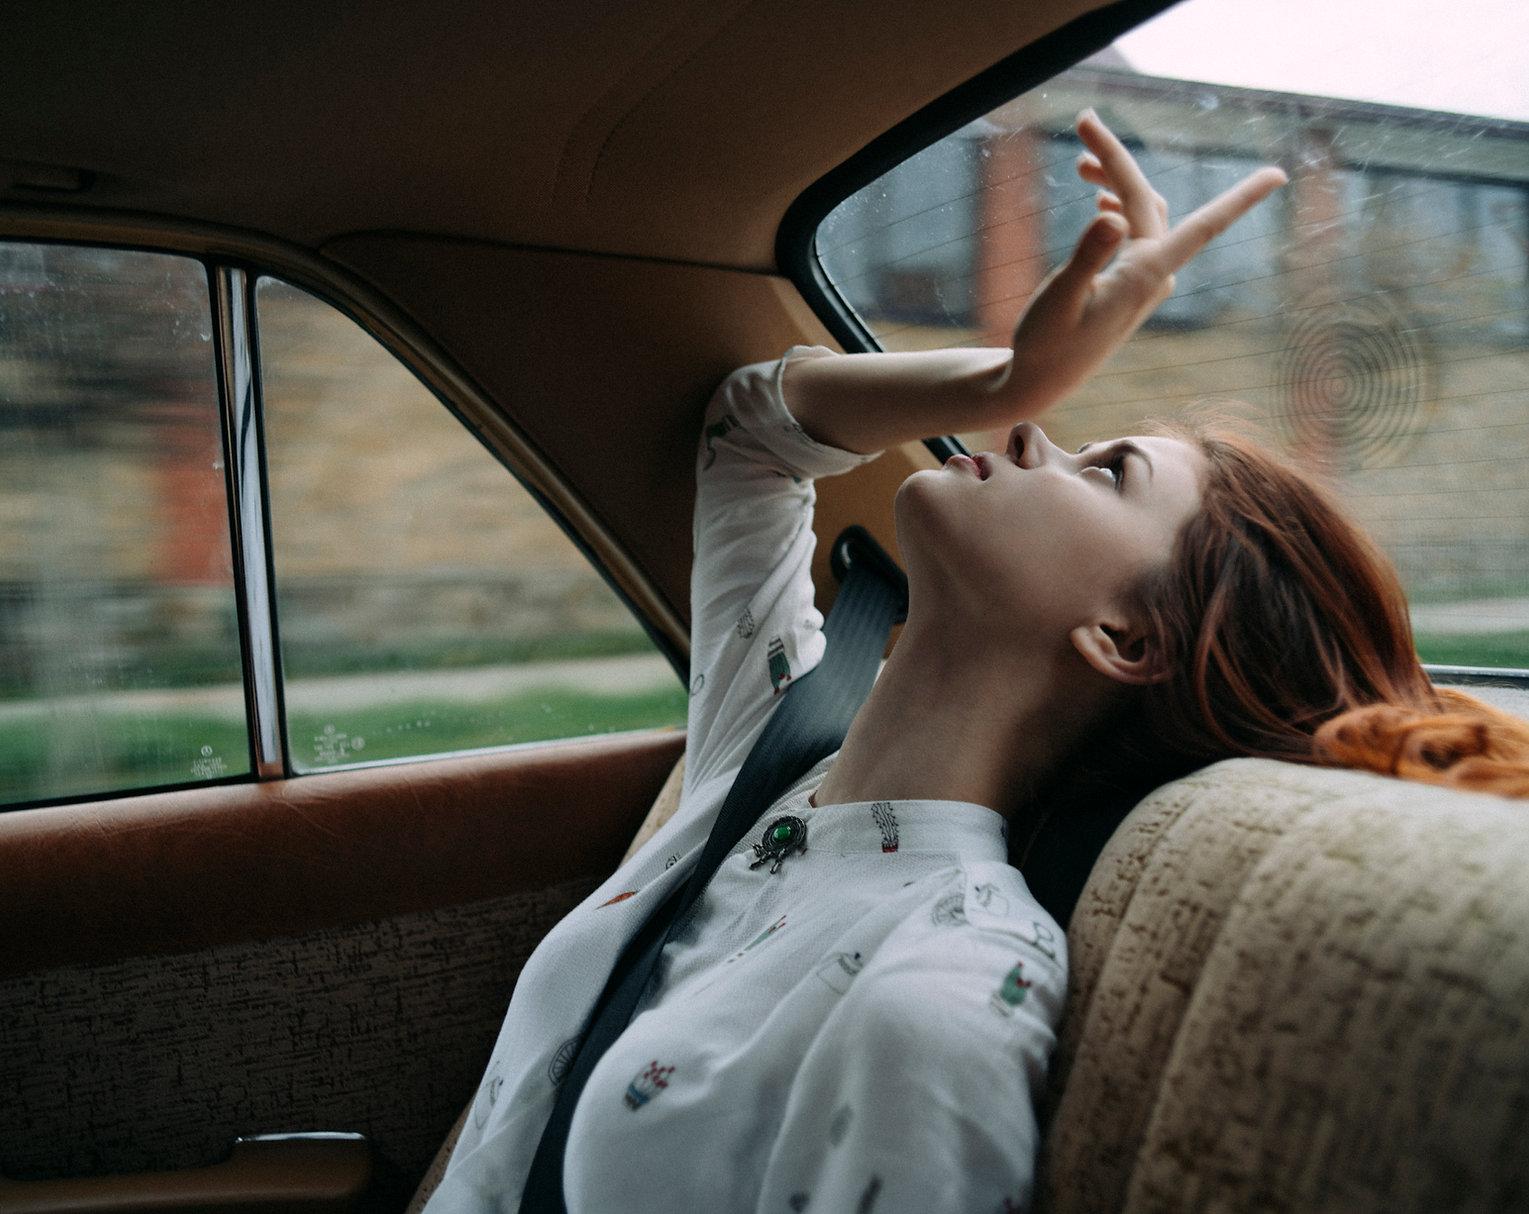 Montada no Backseat